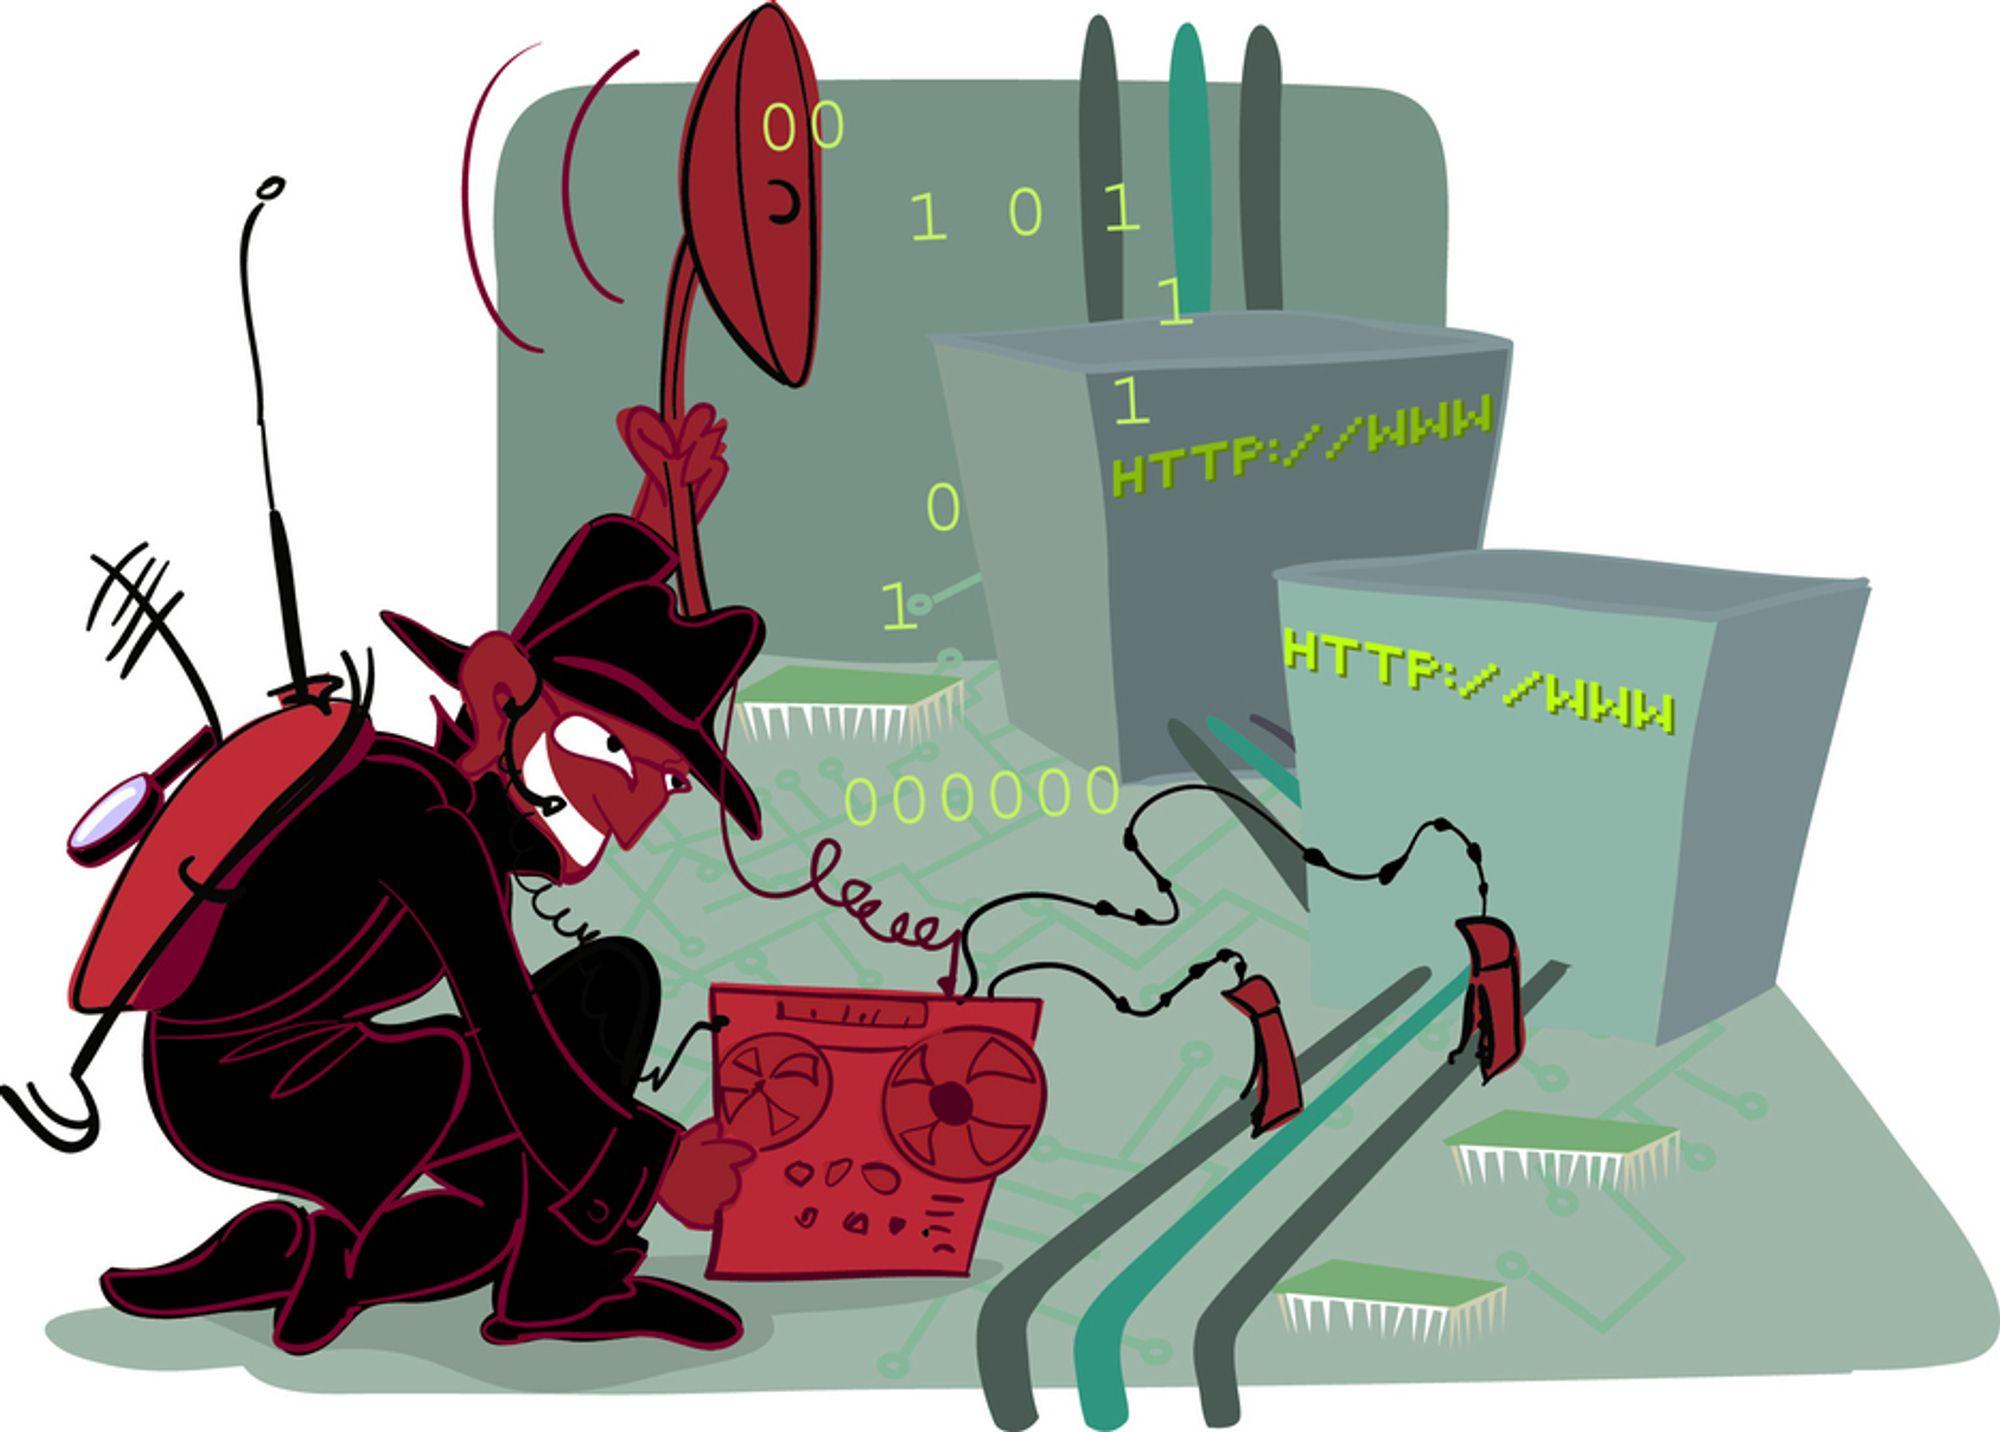 CRIMEWARE: Dette er programvareverktøy som er utviklet for å gjennomføre nettsvindel og stjele informasjon fra forbrukere og bedrifter.